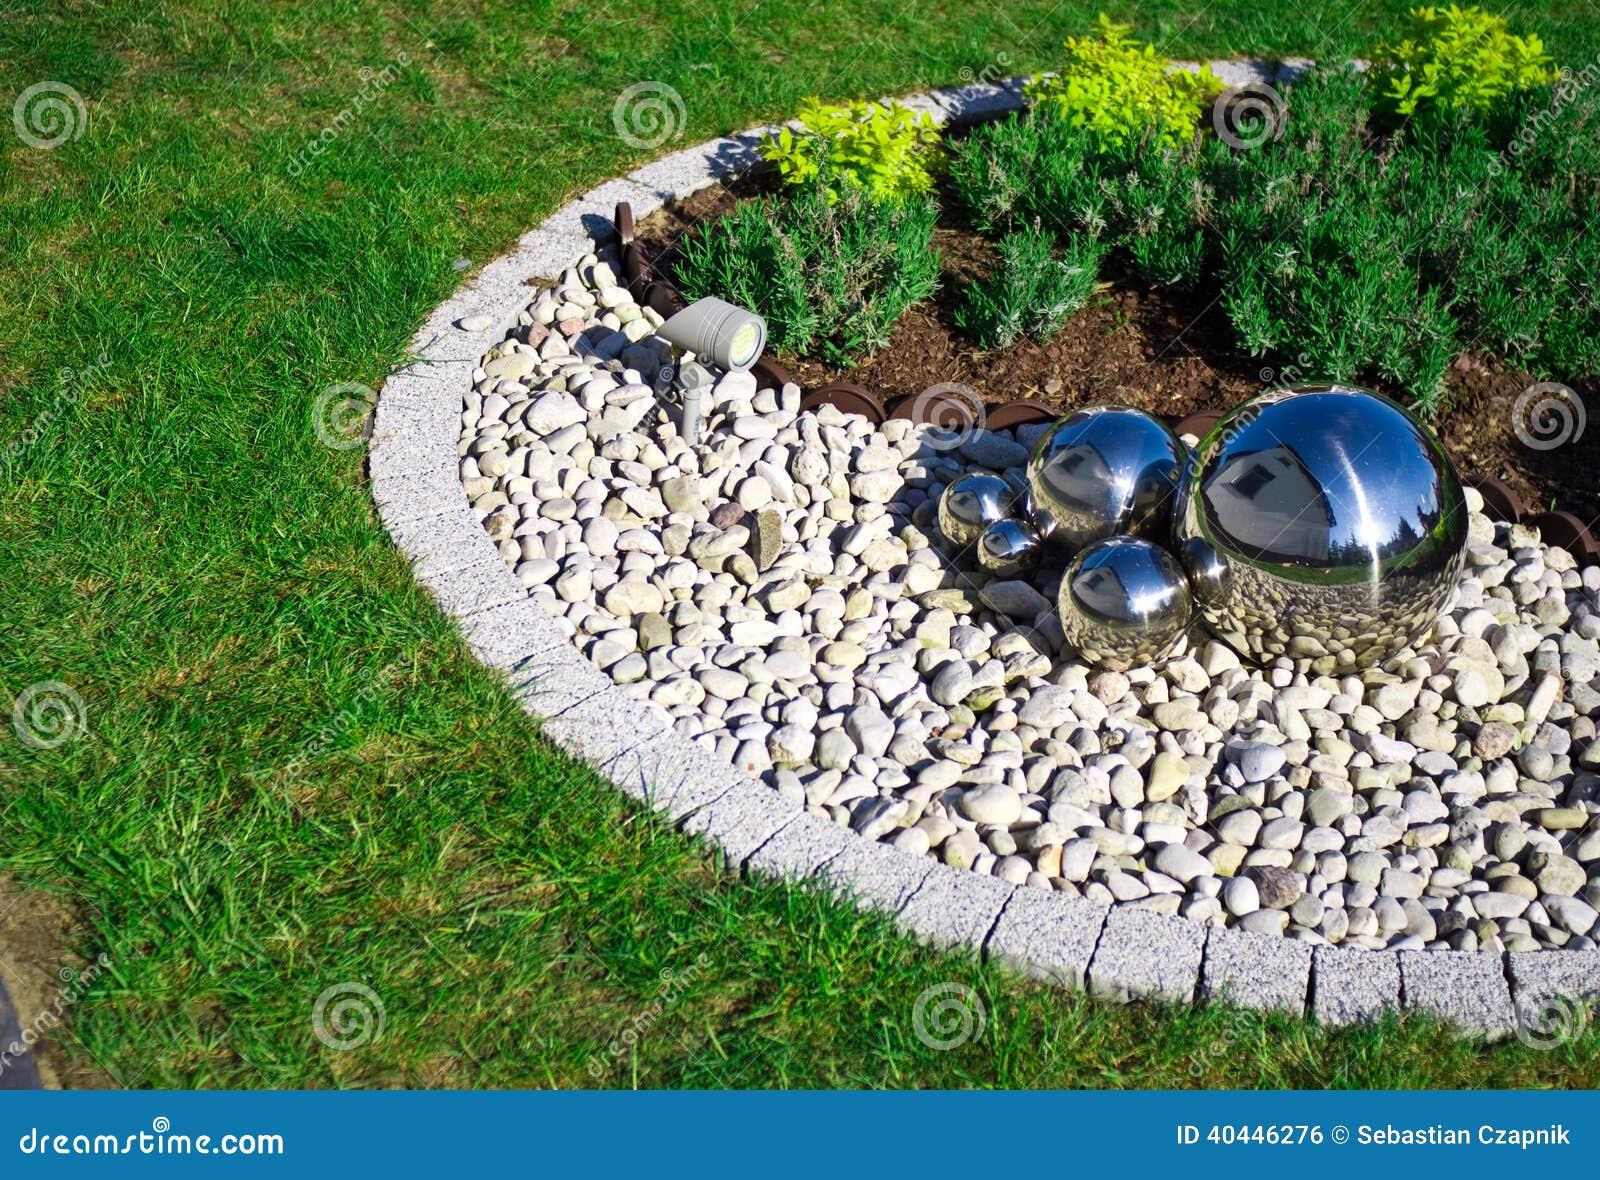 D coration de jardin avec les sph res argent es de miroir photo stock image 40446276 - Pebble garden decoration ideas ...